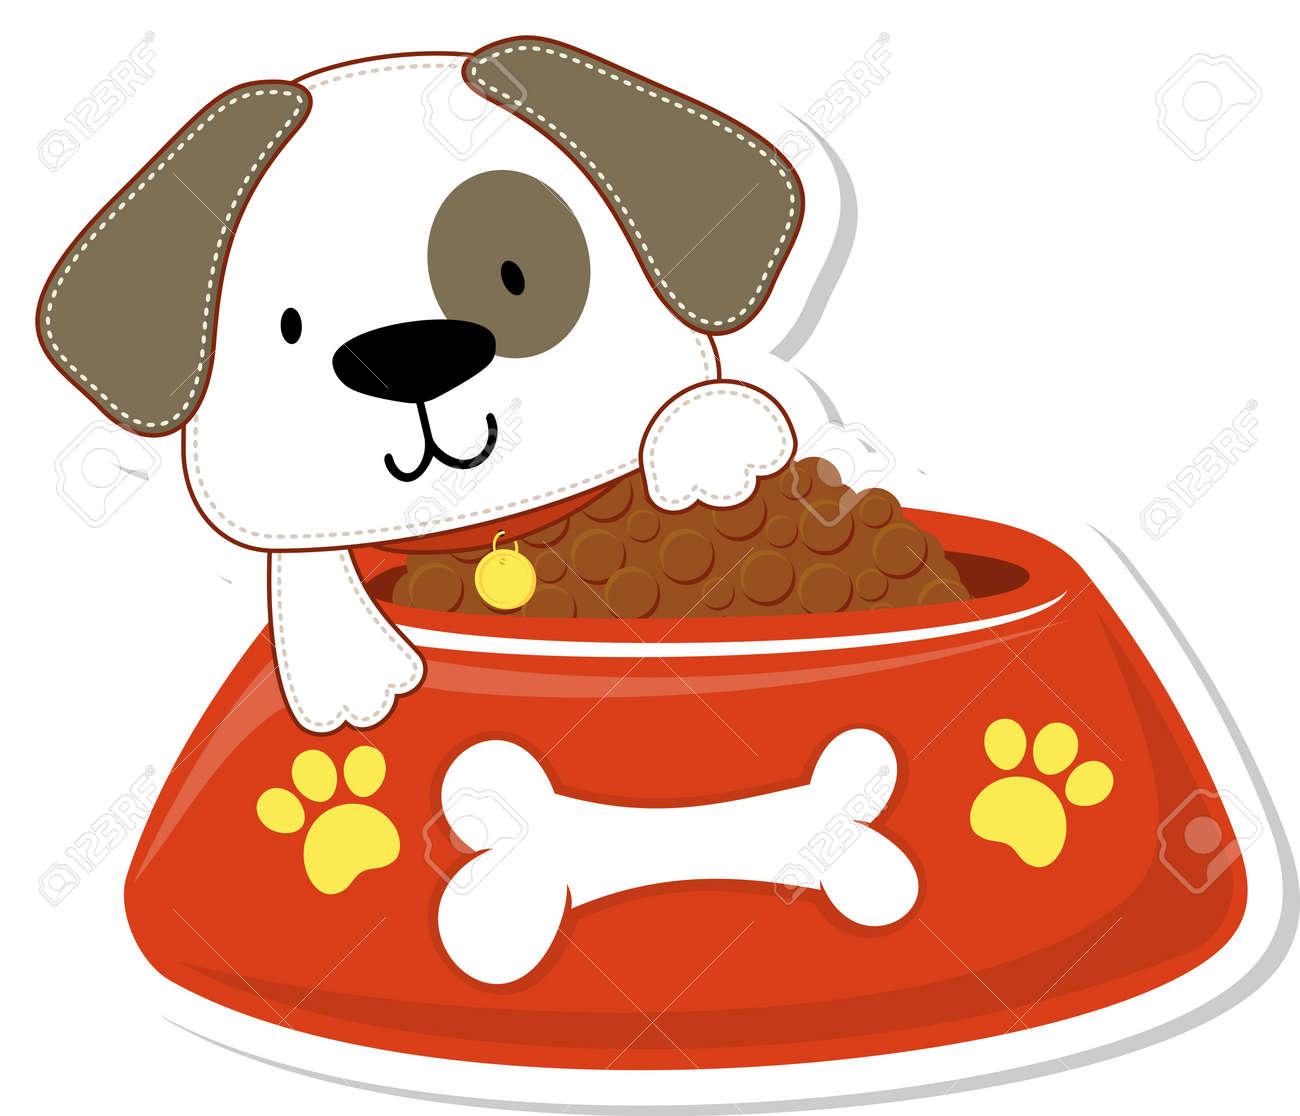 Ilustración De Dibujos Animados De La Adorable Perrito Con Un Tazón